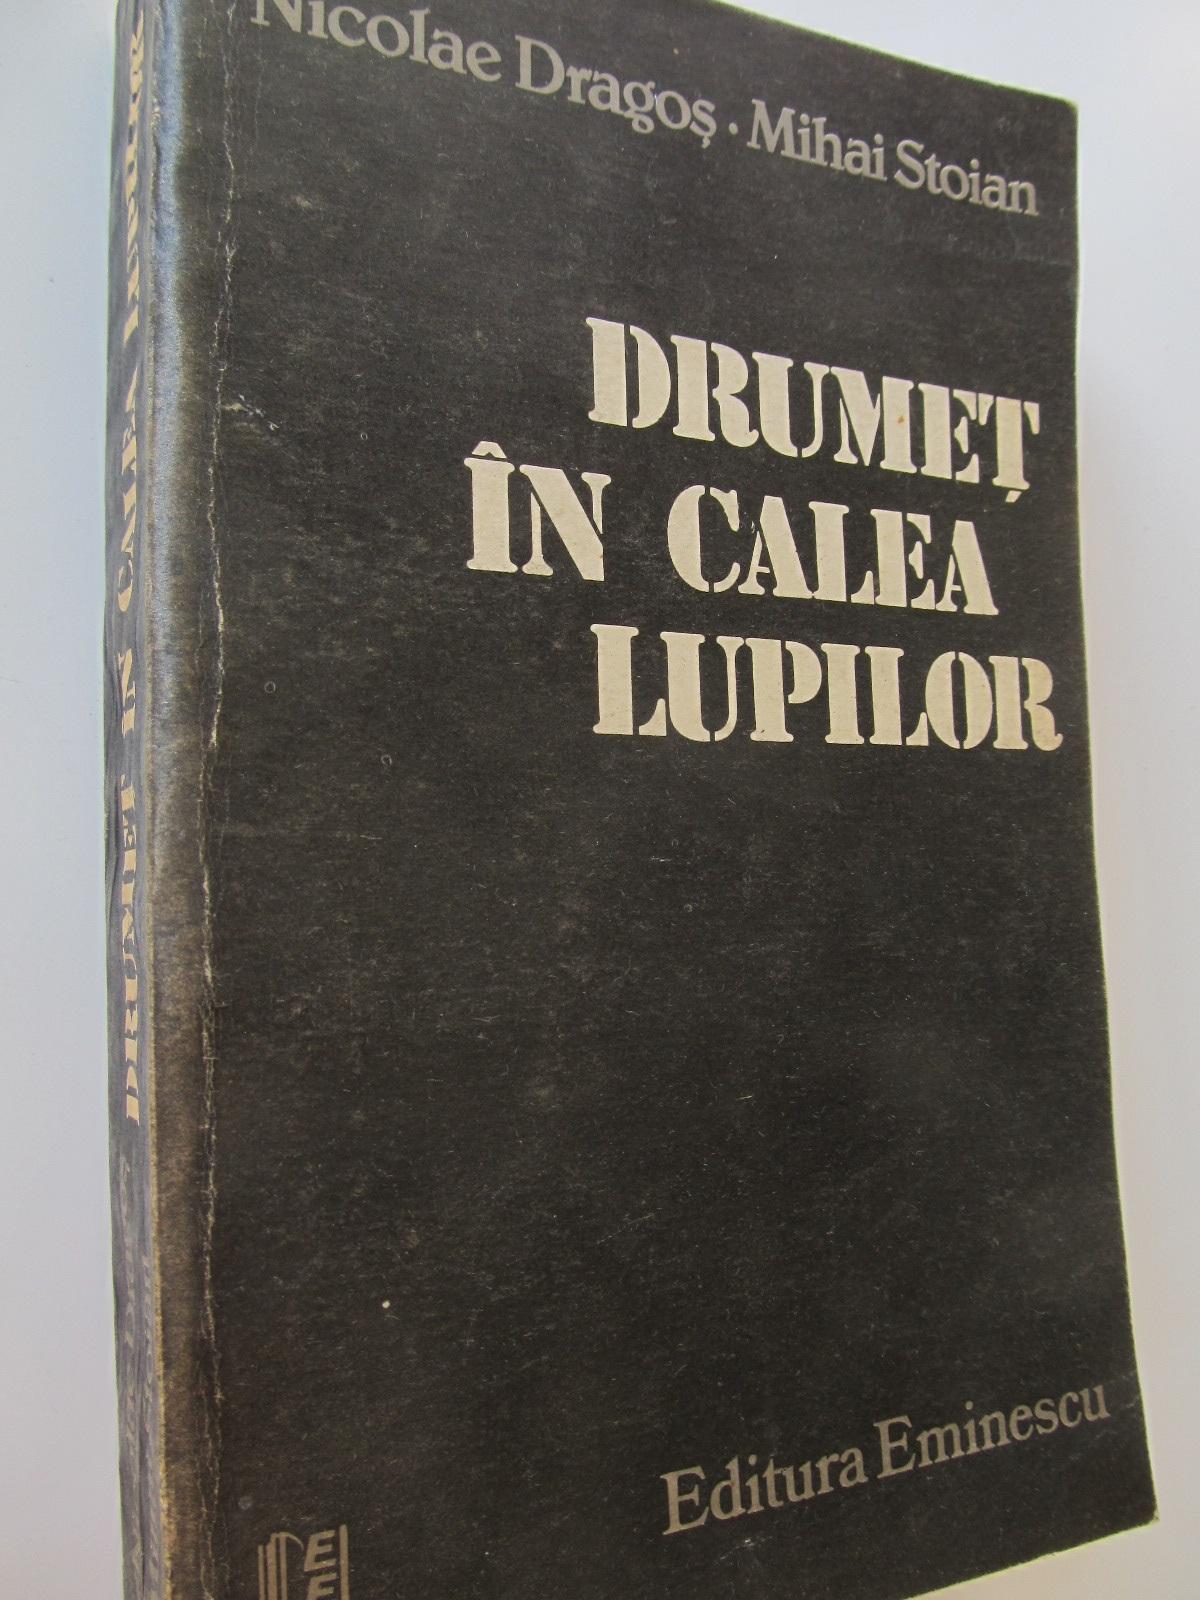 Drumet in calea lupilor - Nicolae Dragos , Mihai Stoian | Detalii carte